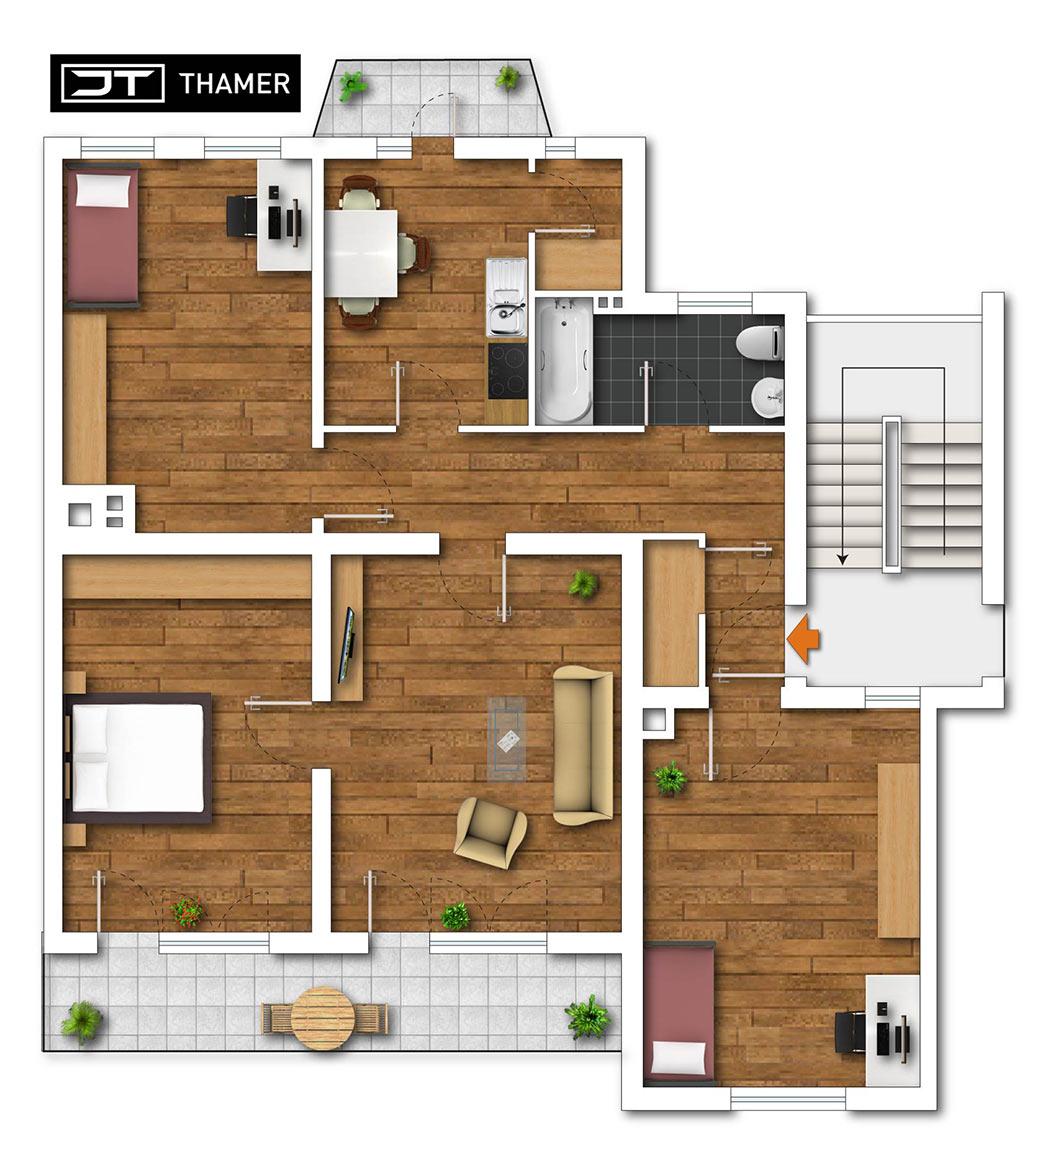 JT - Thamer Immobilien Bayreuth – Grundrissüberarbeitung nachher